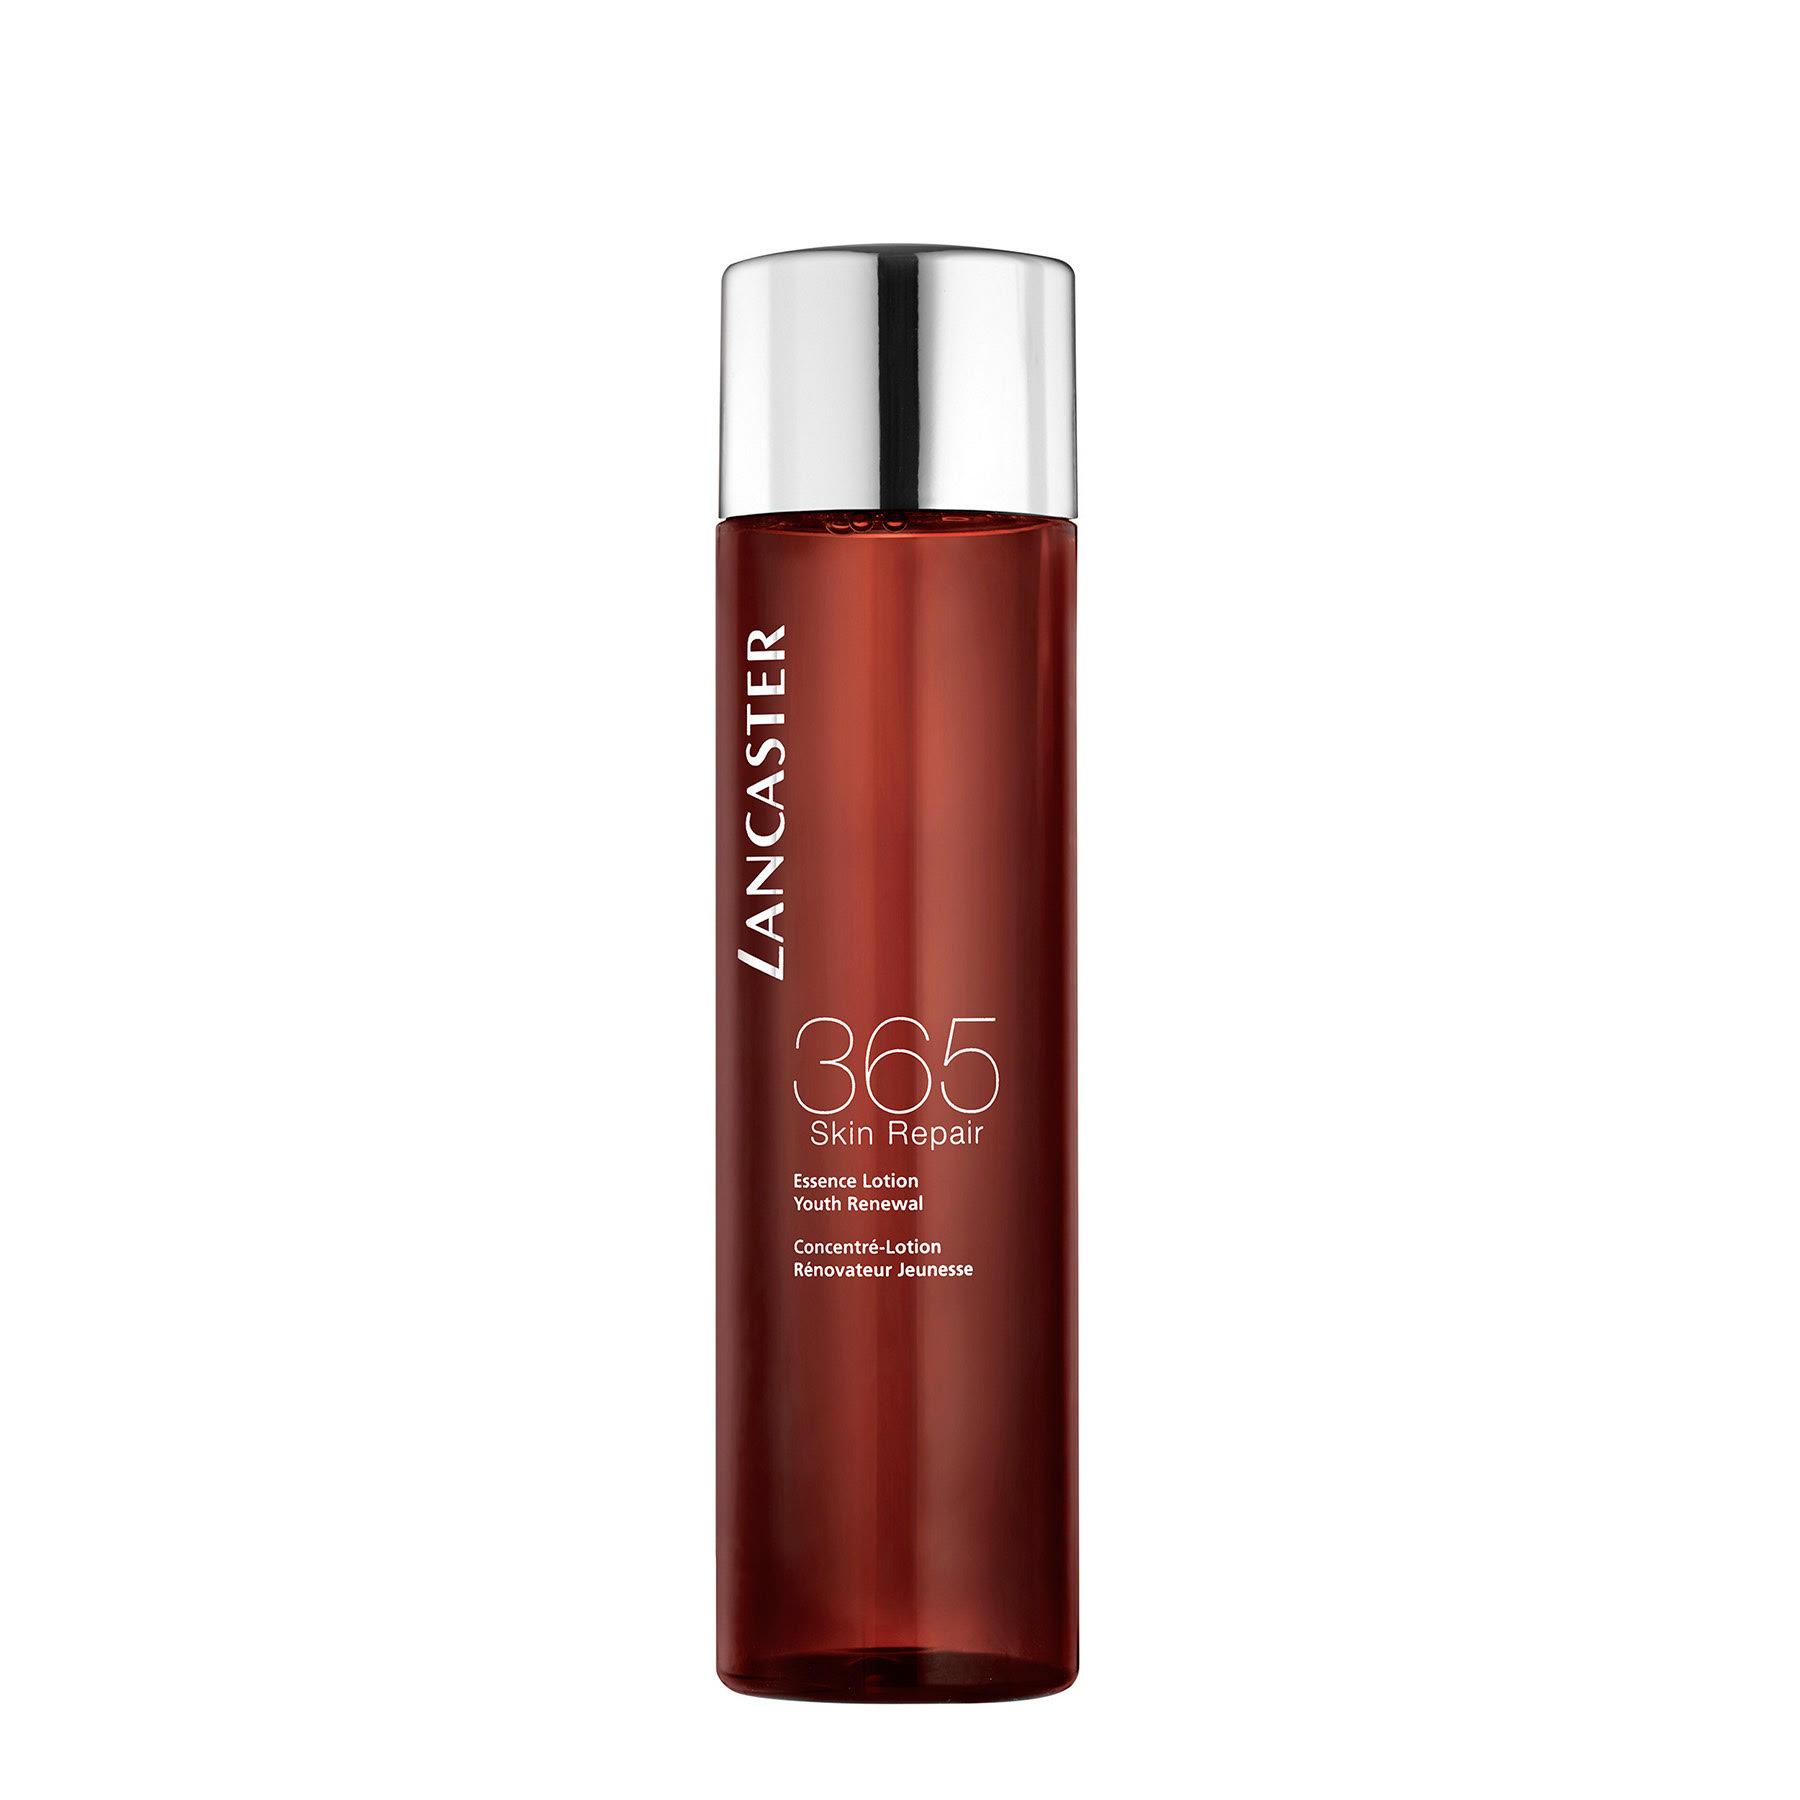 Лосьон-эссенция Lancaster 365 Skin Repair с кокосовой водой прекрасно освежает в течение дня и придает коже сияние.